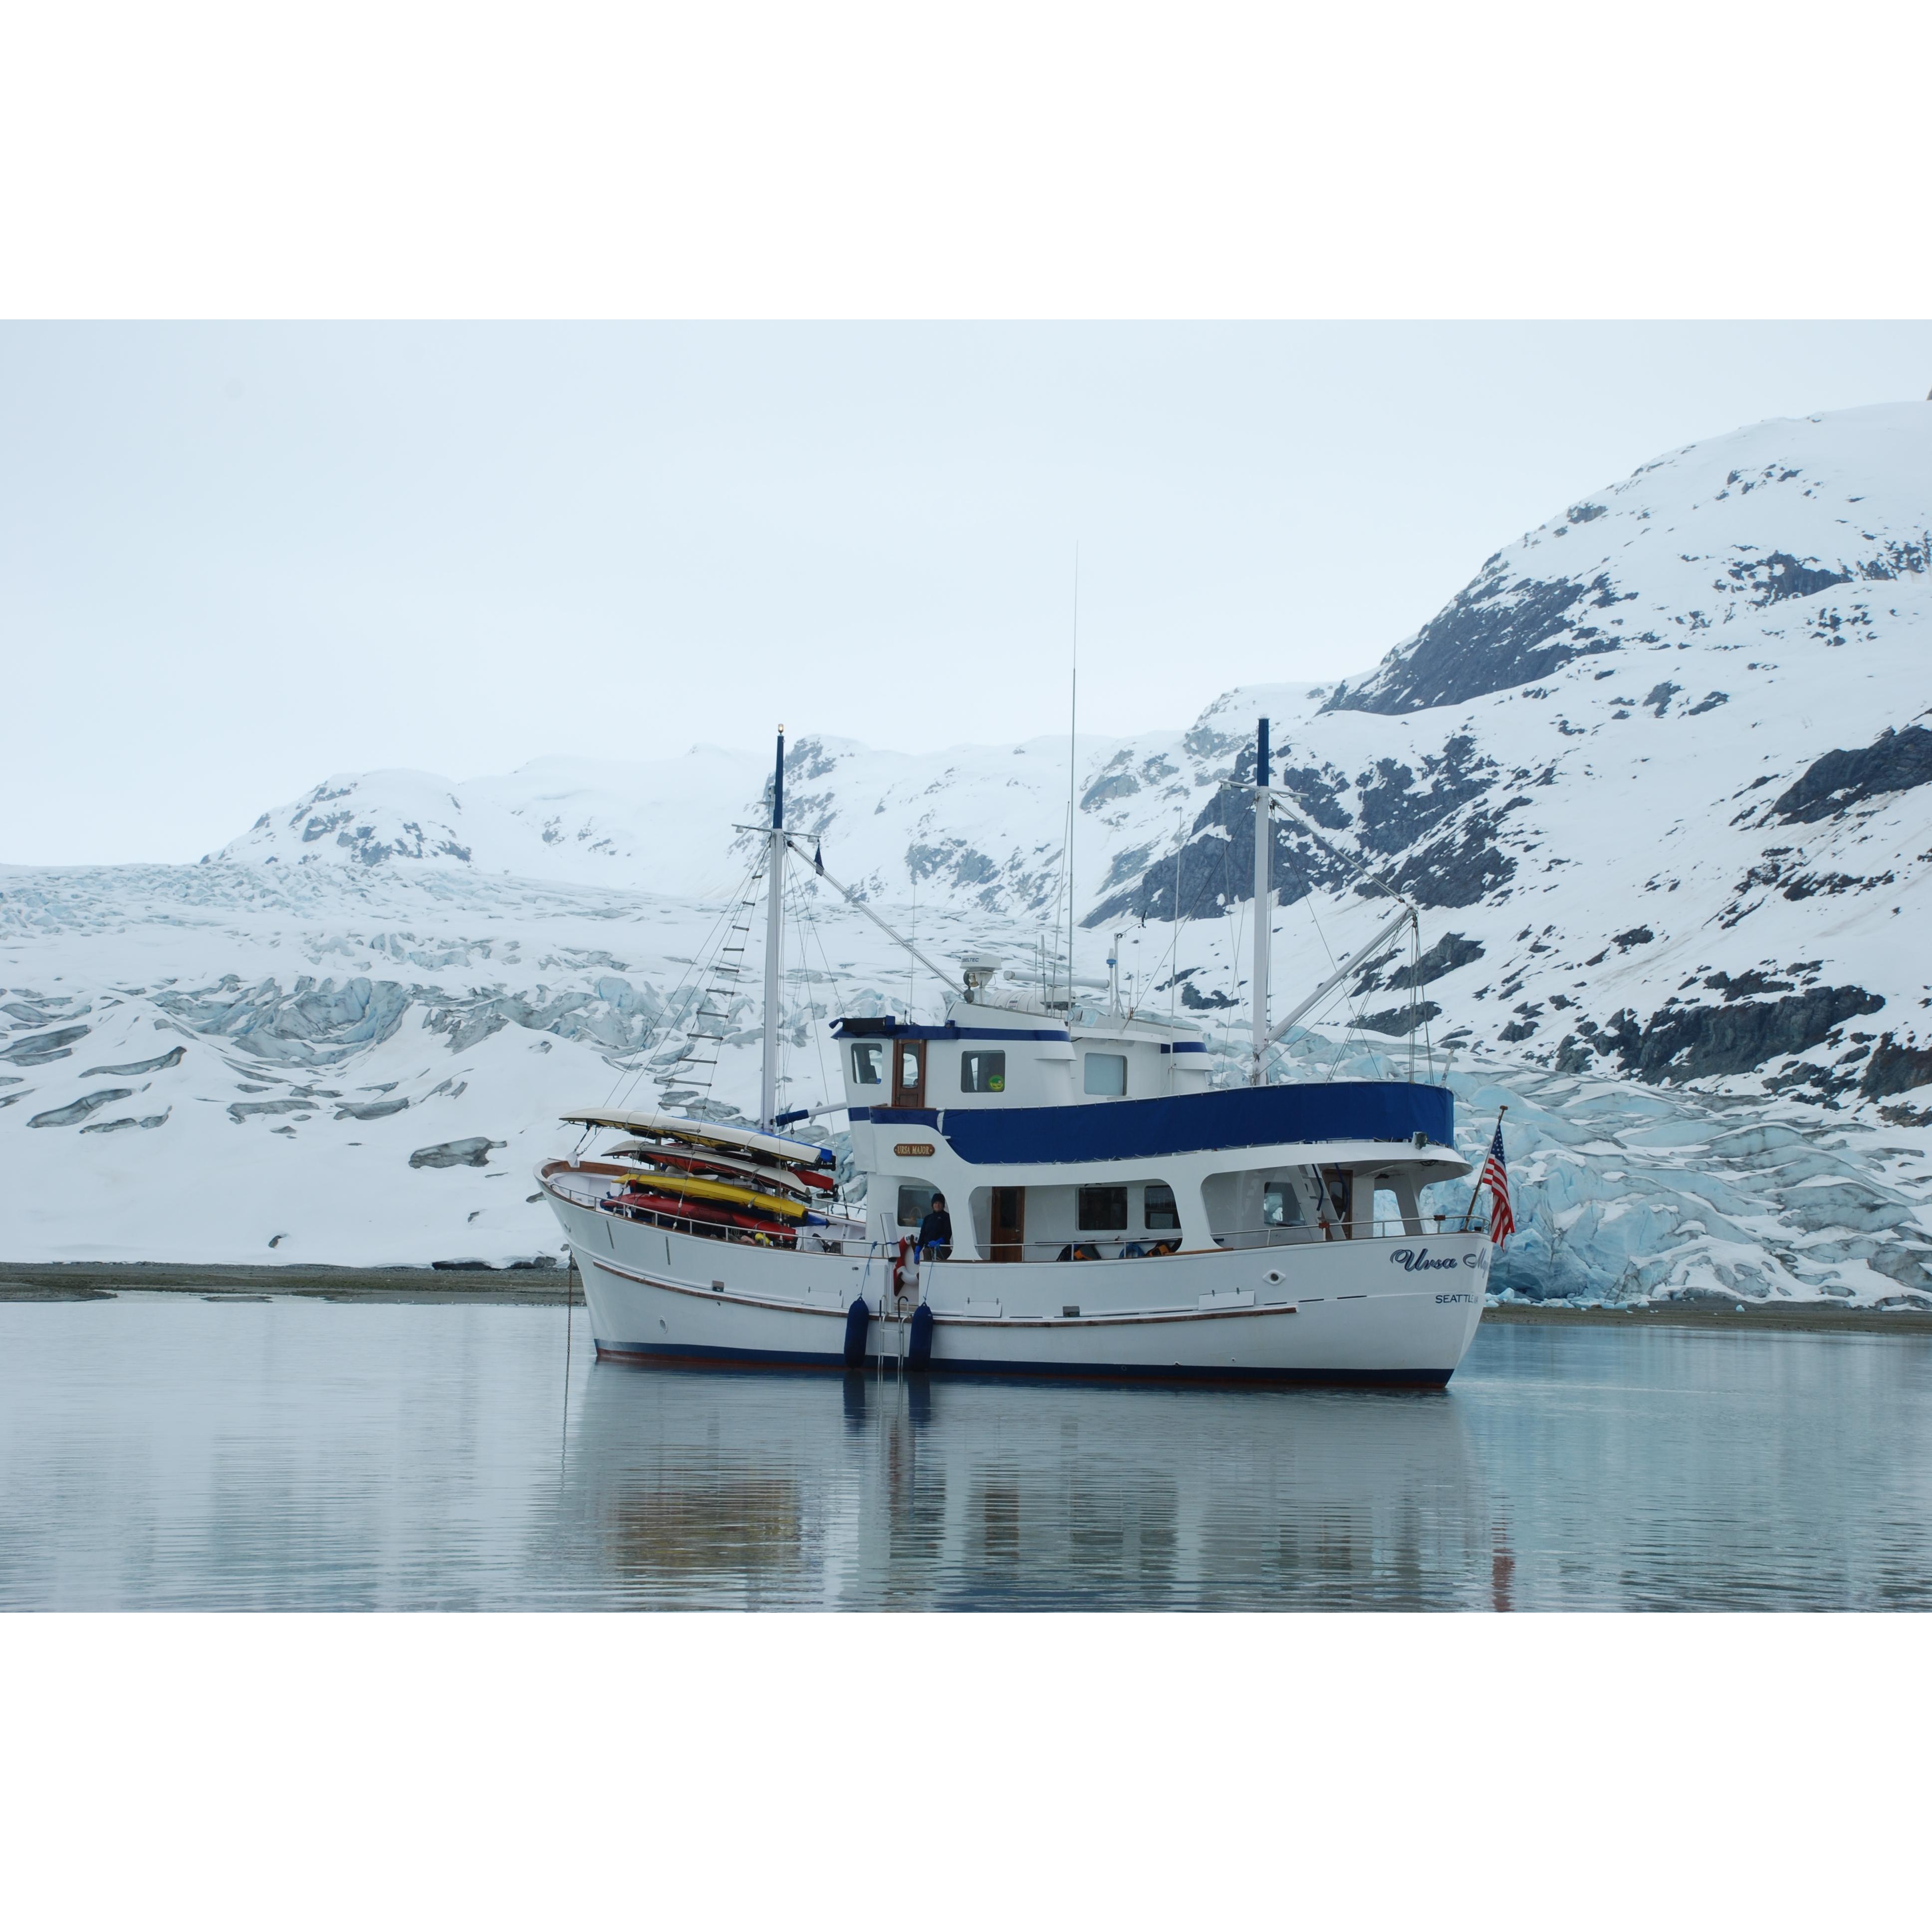 Ursa Major Charters Alaska